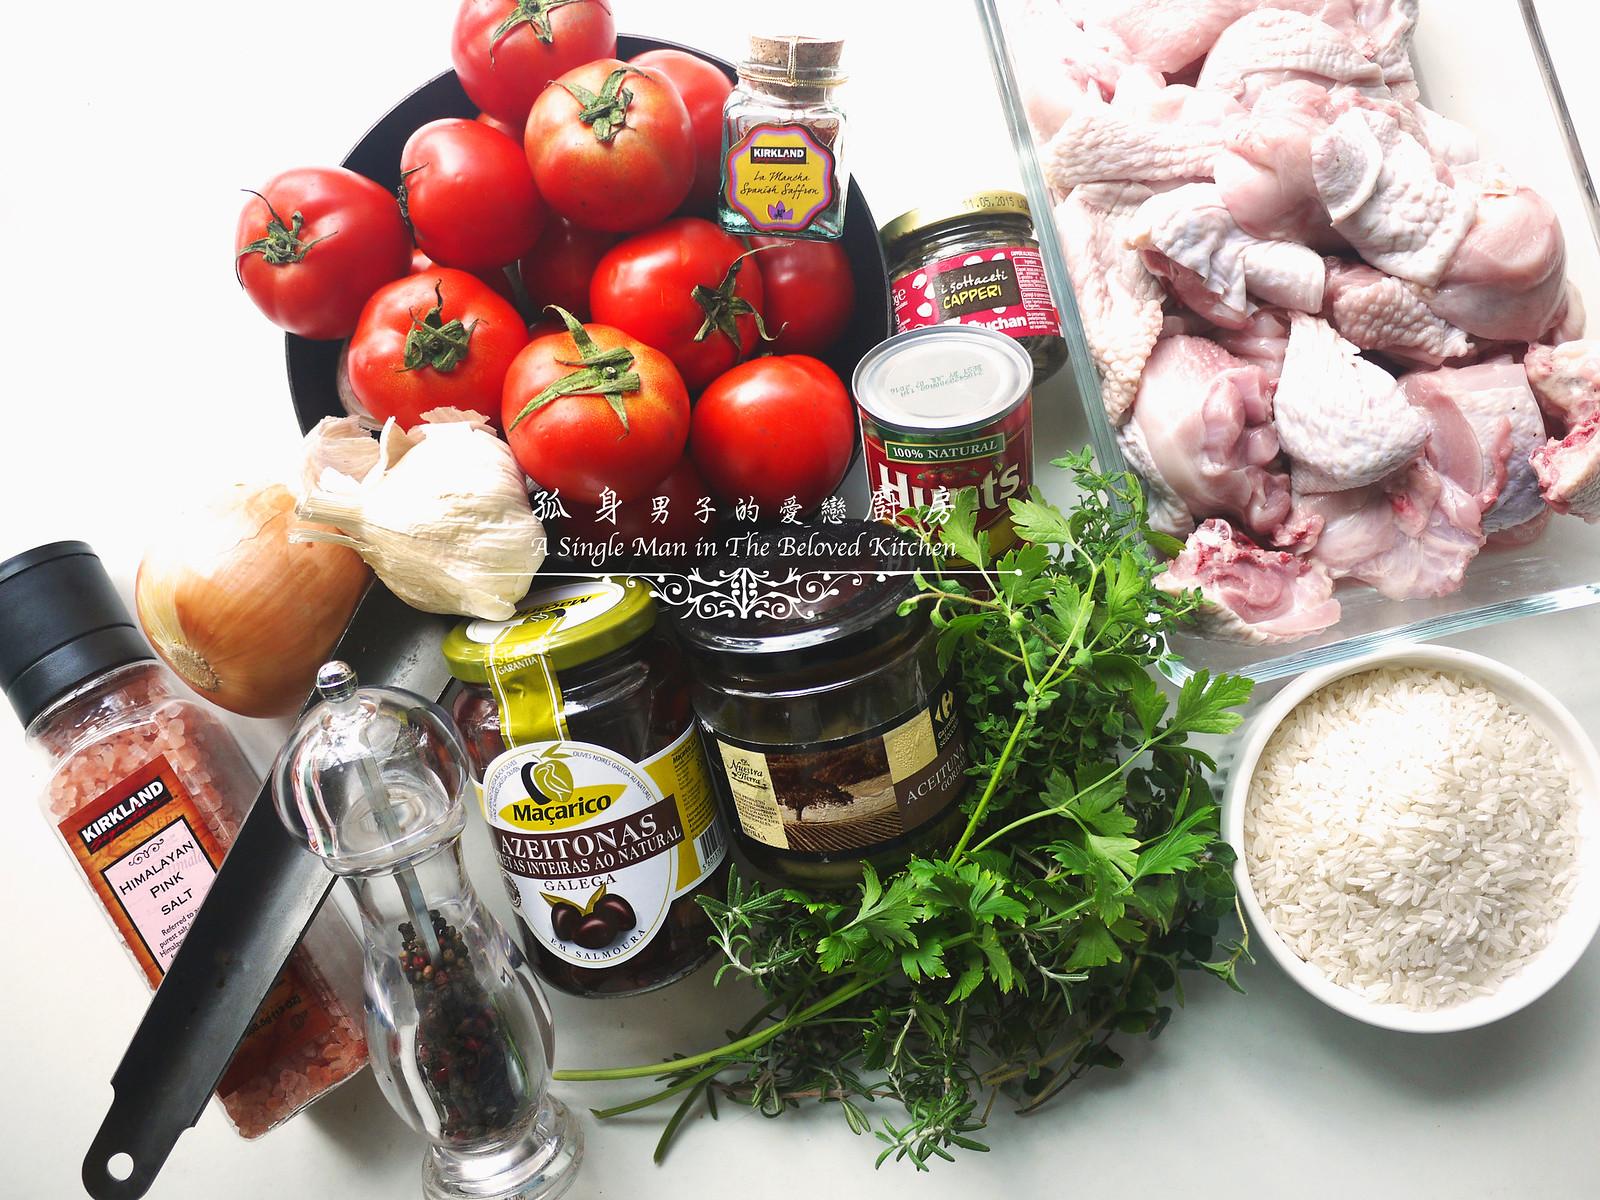 孤身廚房-蕃茄橄欖燴雞肉佐番紅花香米2